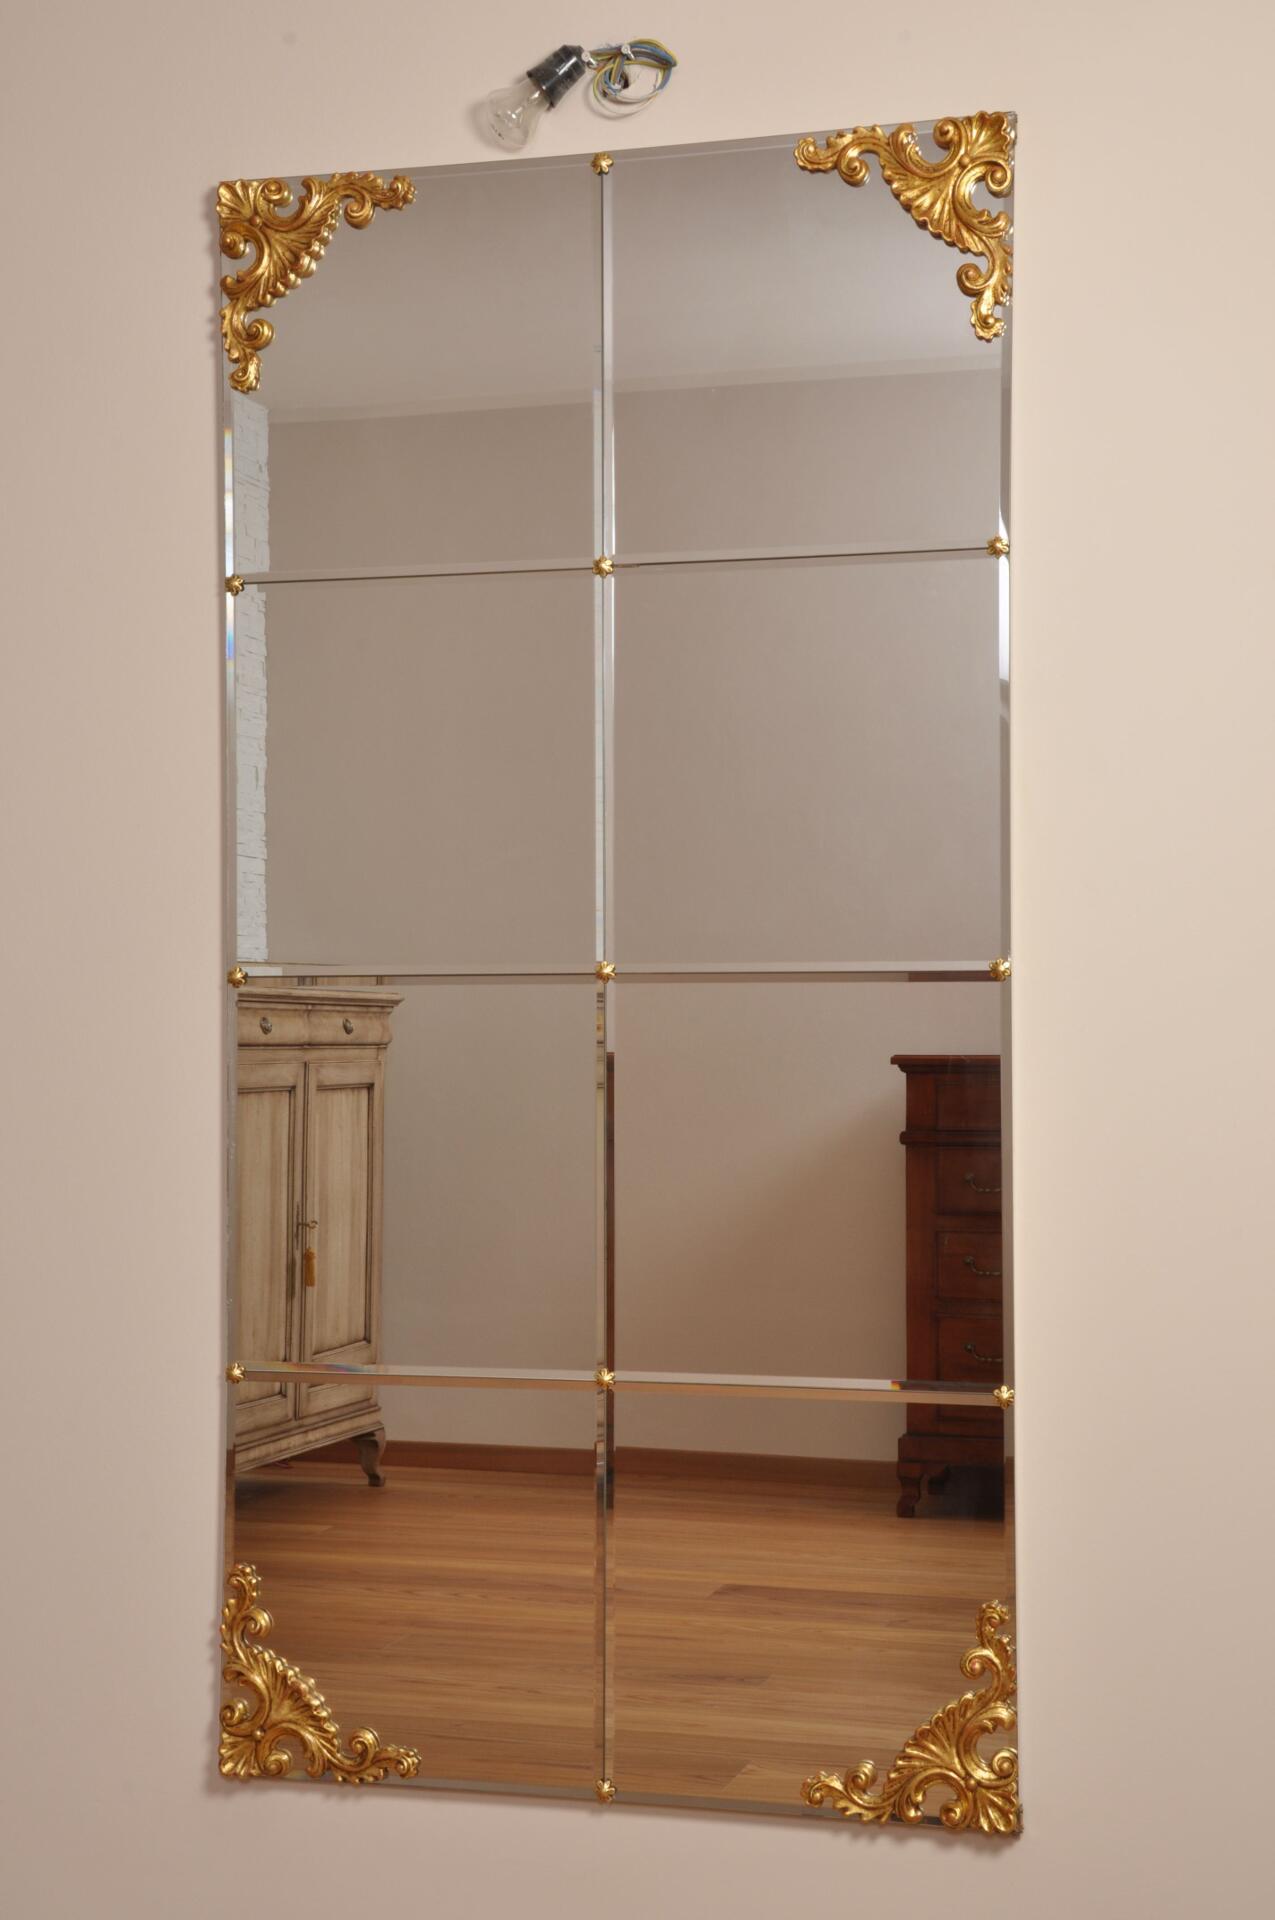 Ricercata specchiera in stile barocco veneziano mobili - Mobili stile veneziano ...